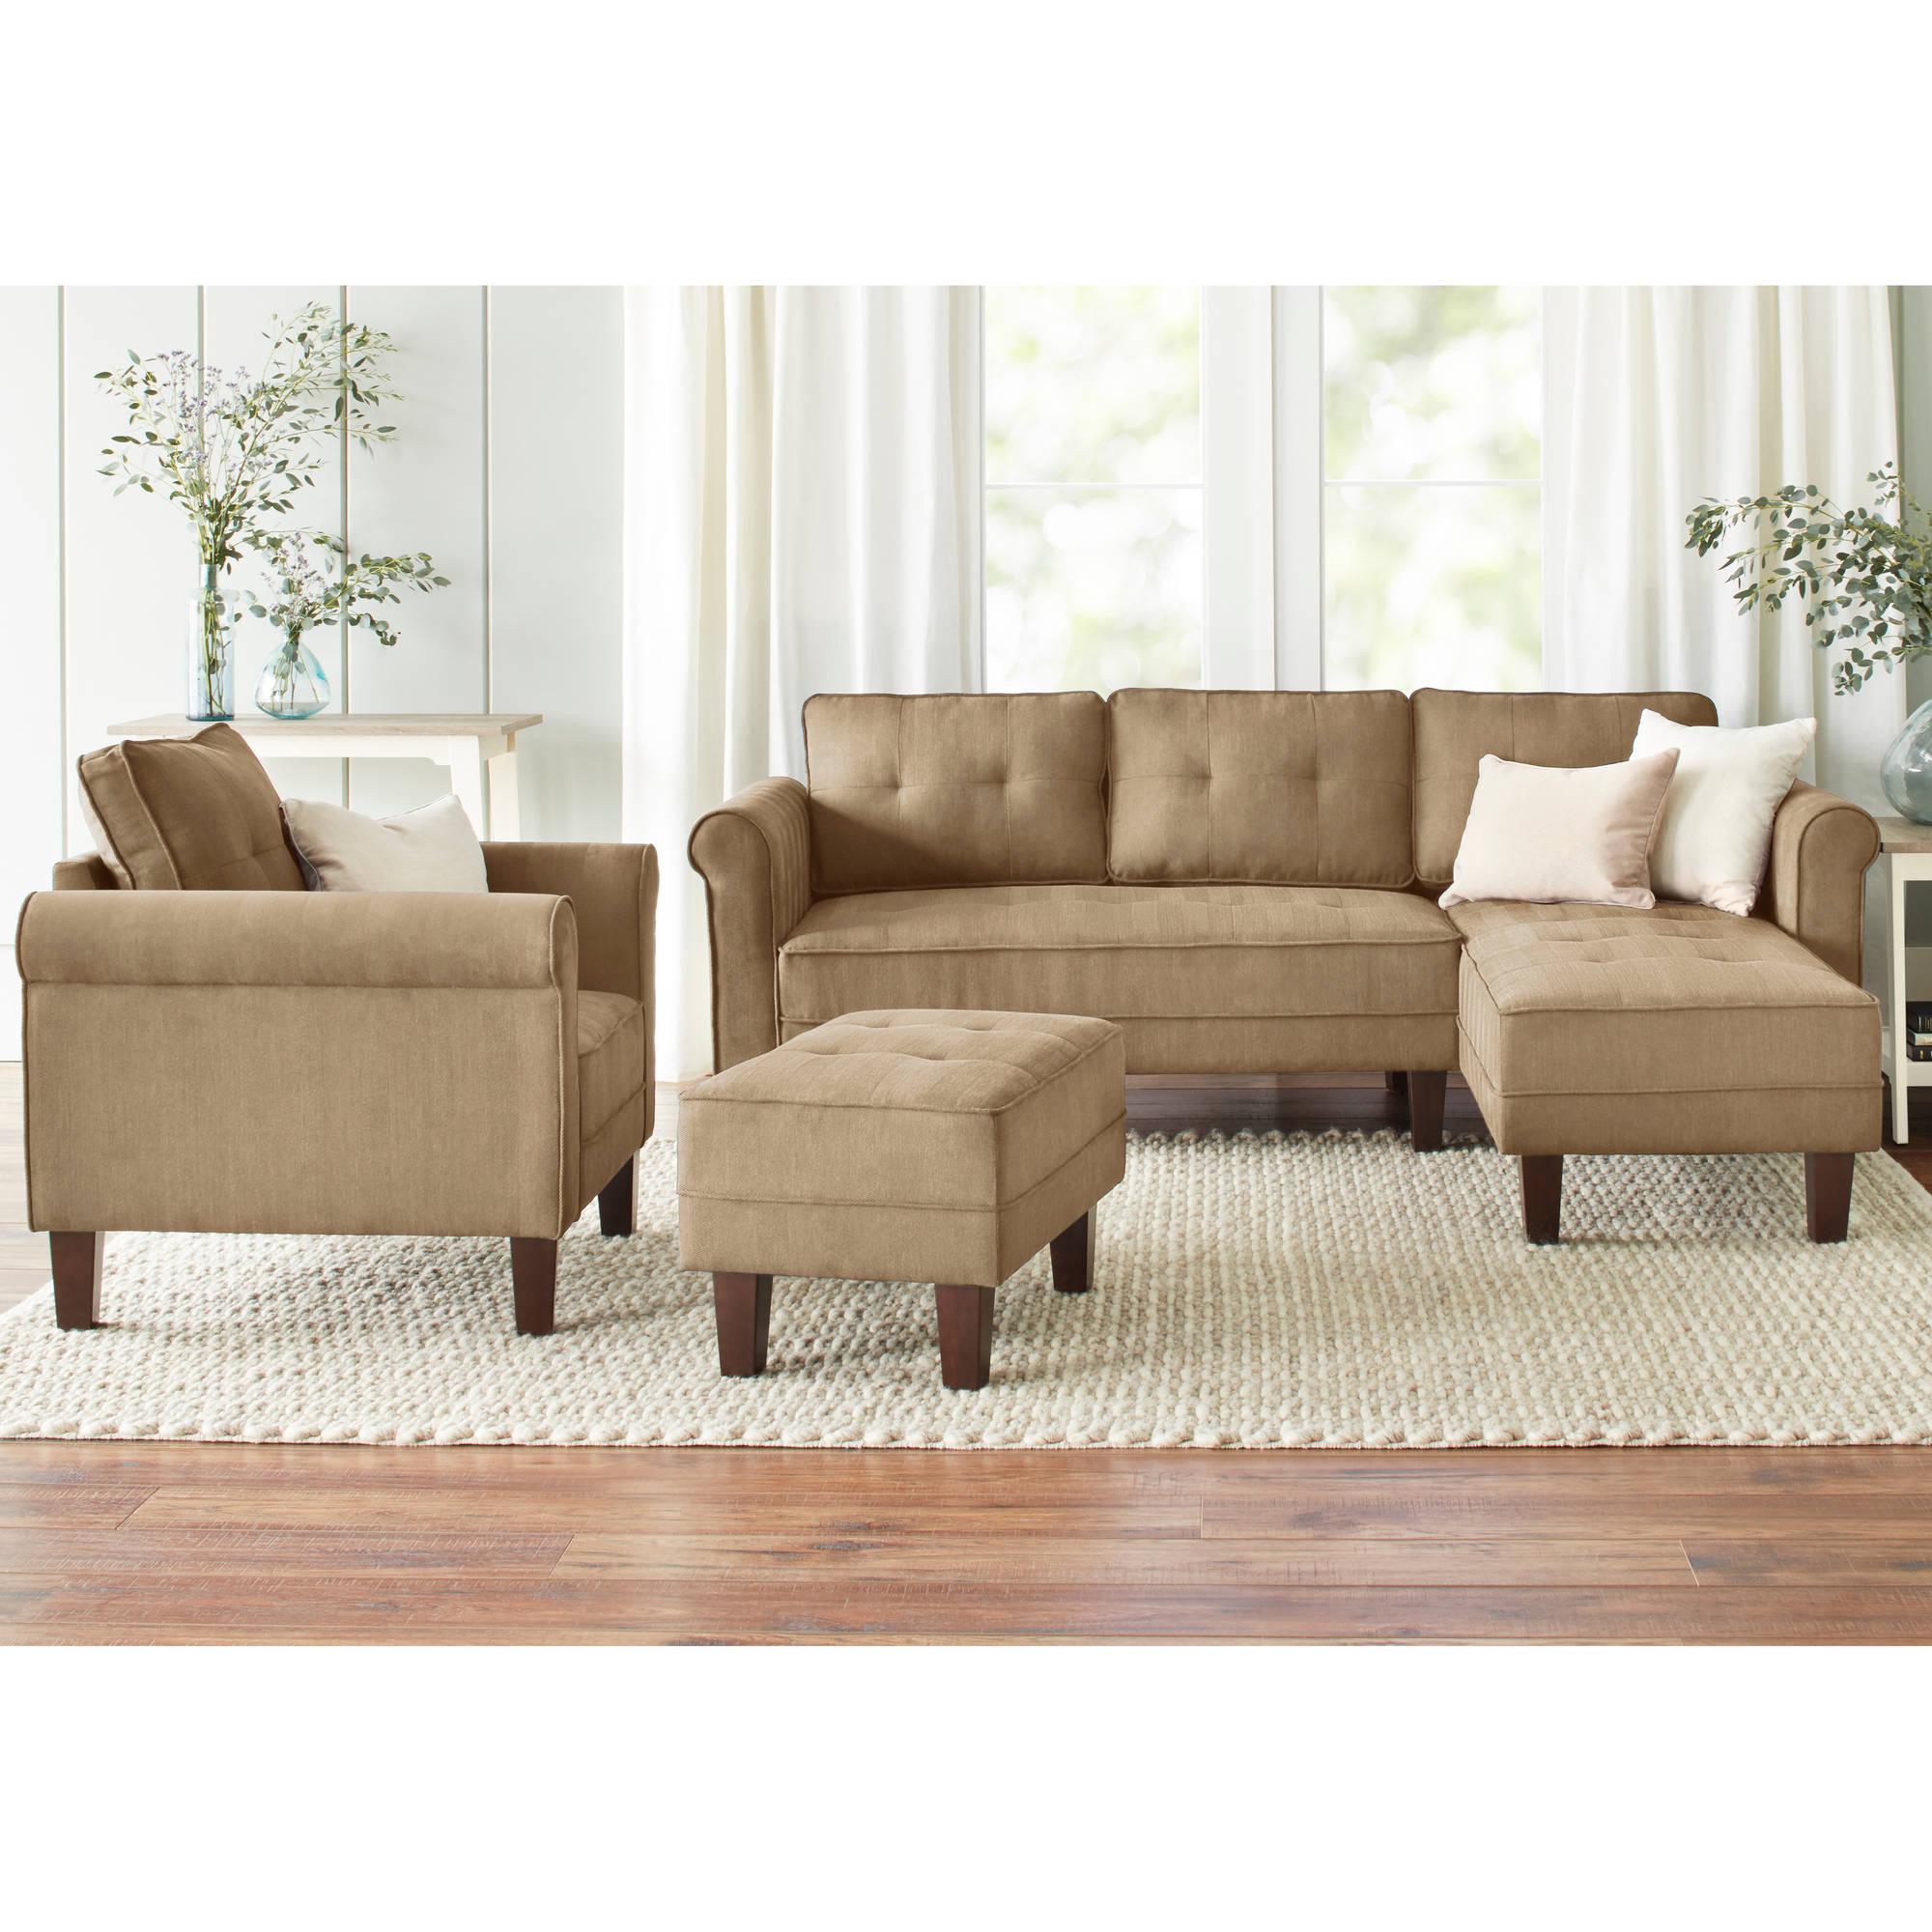 moss studio sofa reviews ligne roset togo ex display ashton 2 piece right arm facing sectional